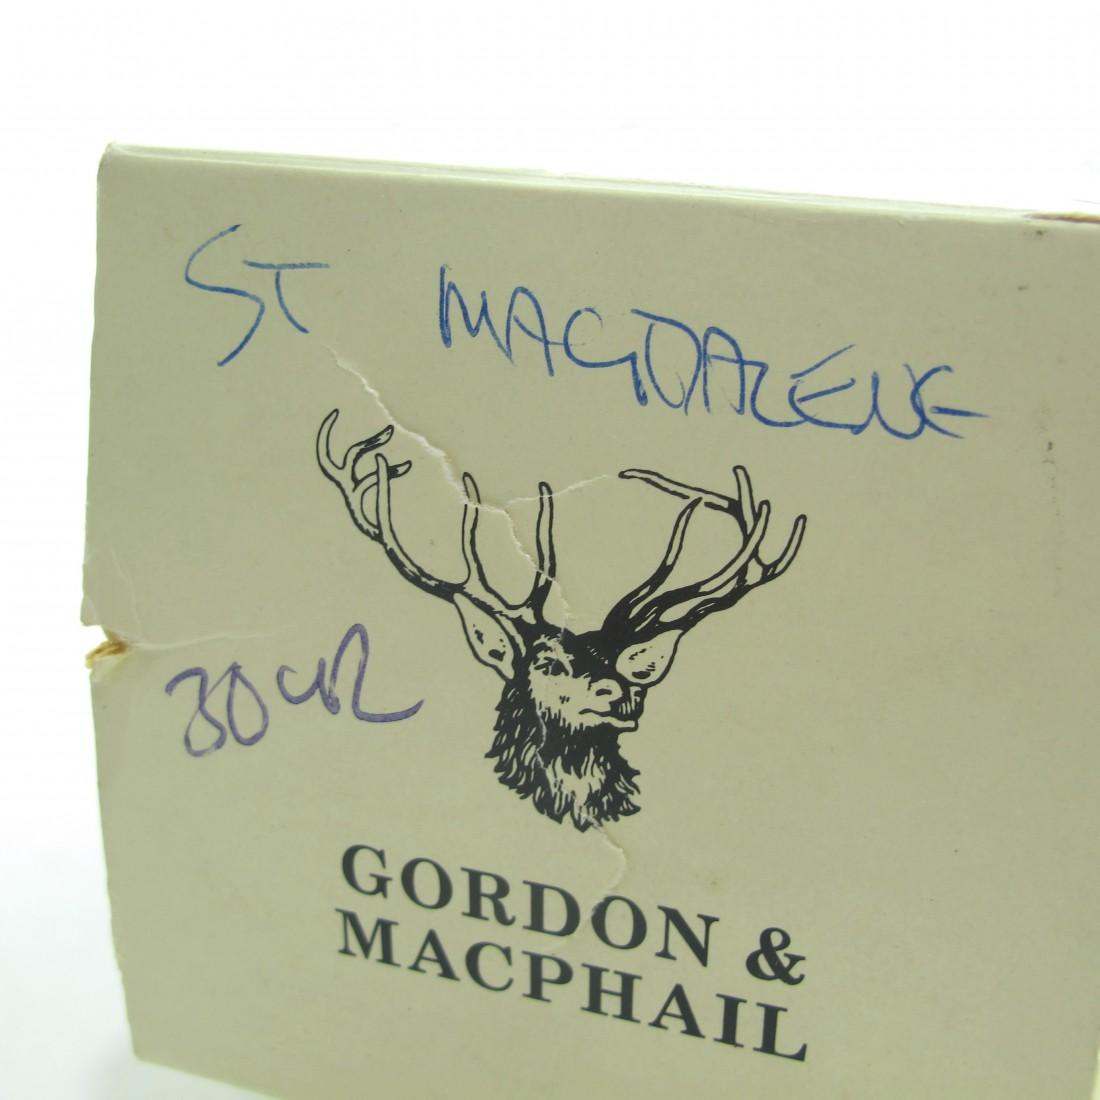 St Magdalene 1966 Gordon and MacPhail